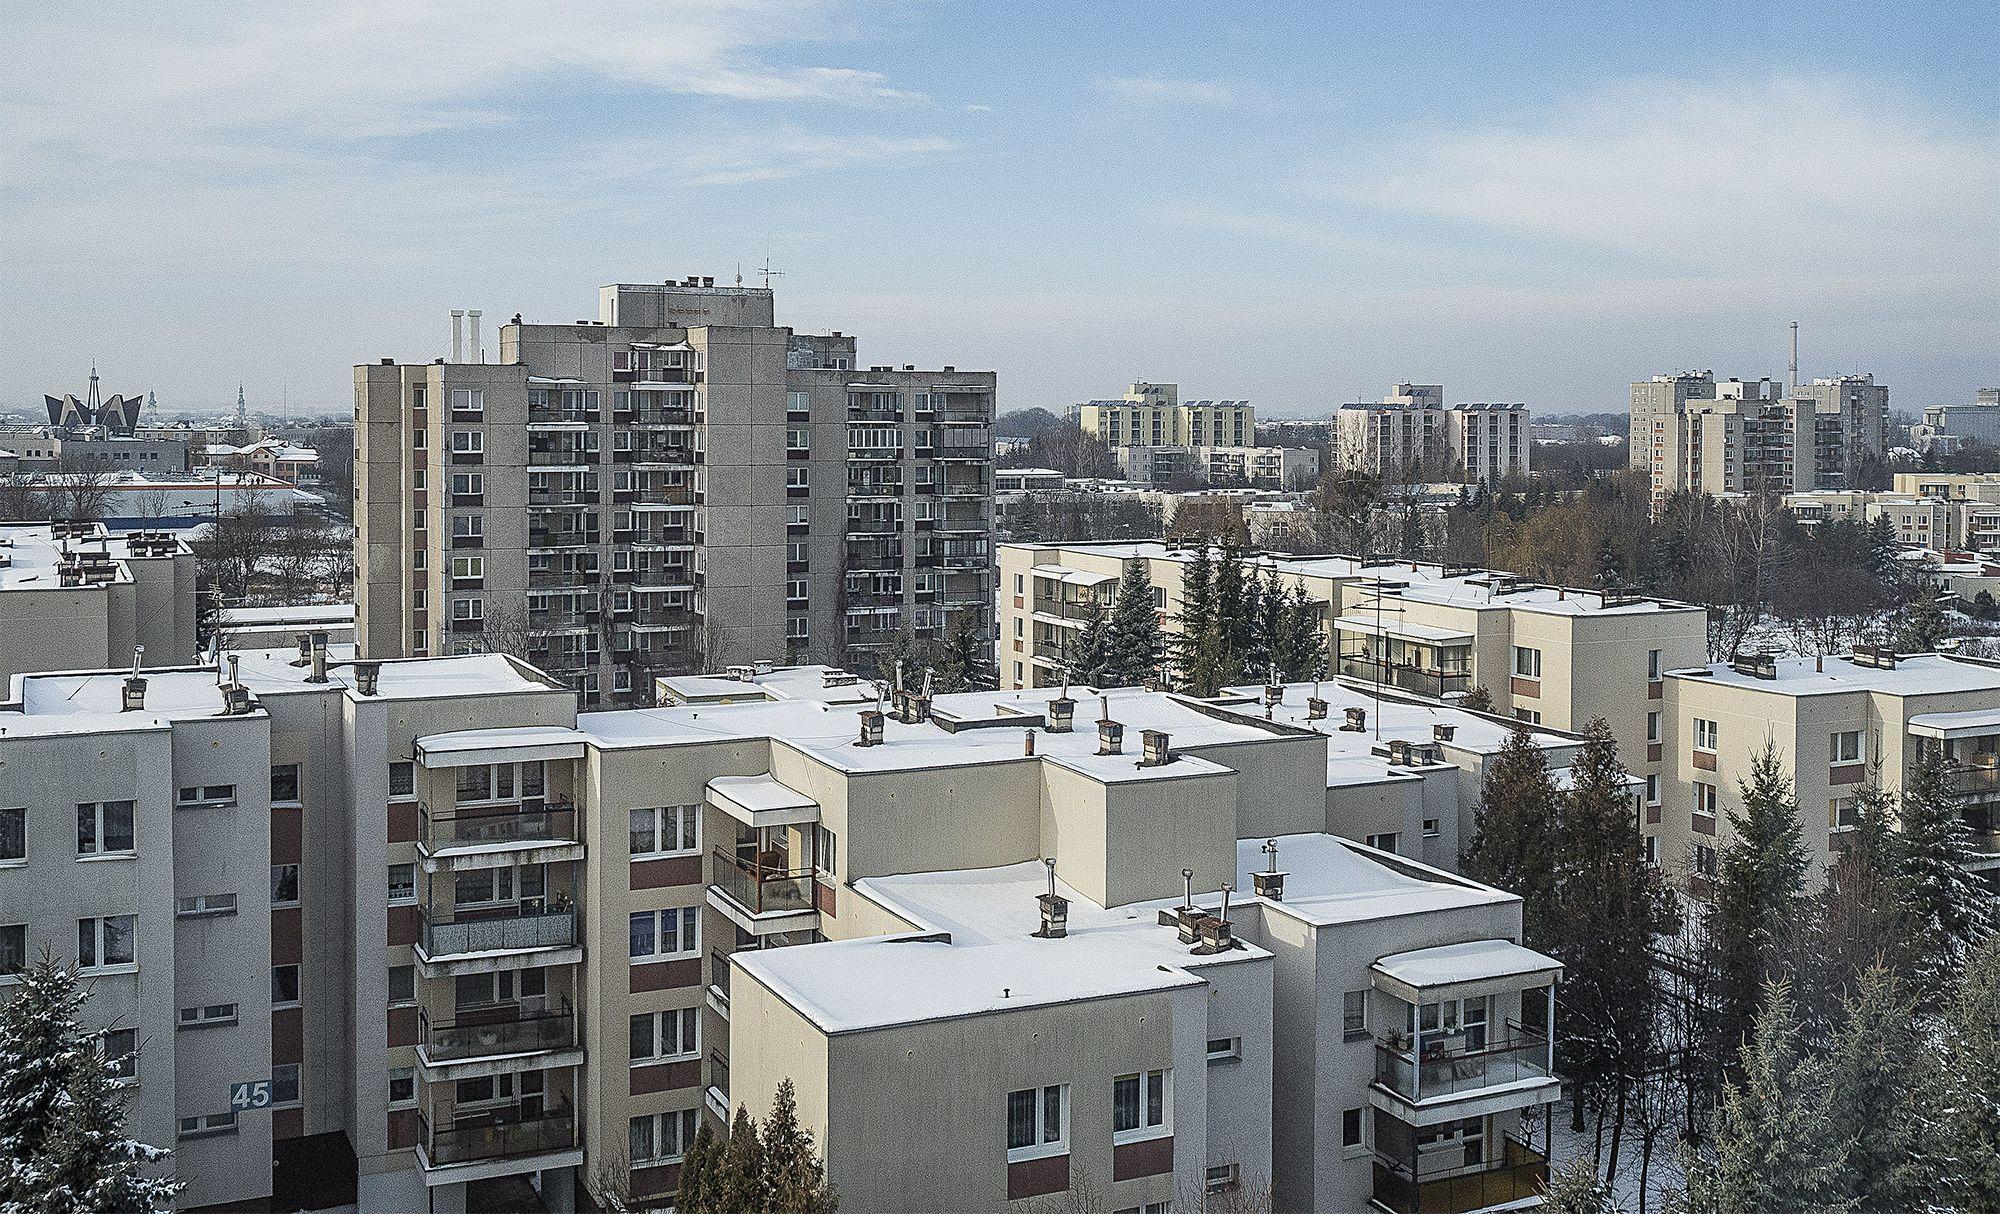 Osiedle Zamoyskiego nazywane jest zamojskim Nowym Miastem II (fot. Filip Springer)